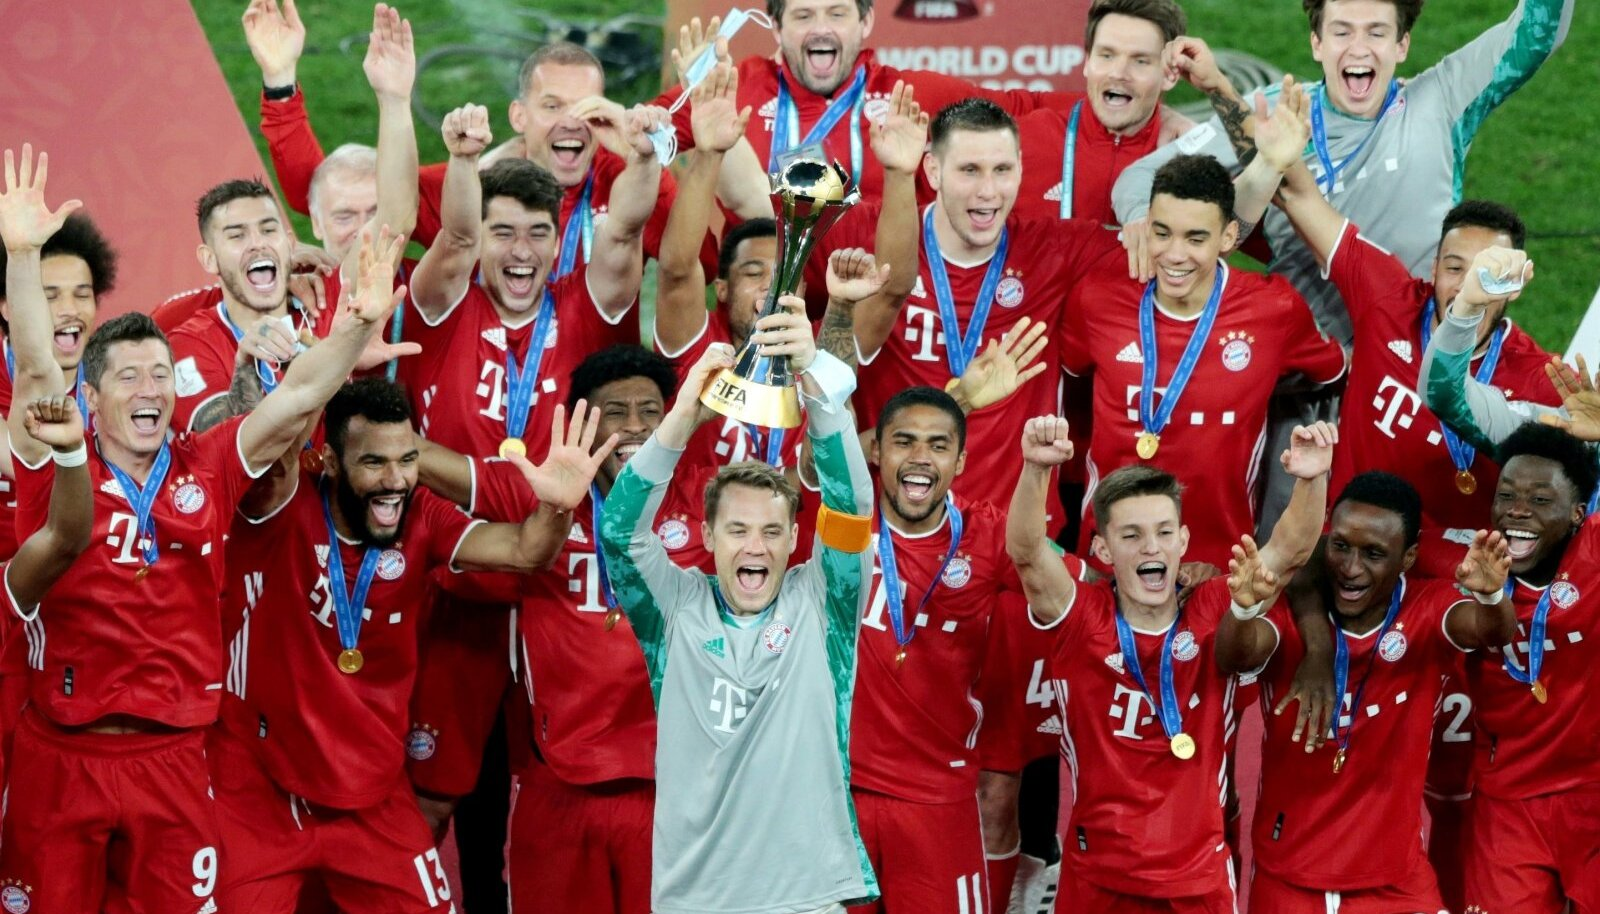 Müncheni Bayern krooniti viimati ka klubide MM-i võitjaks. Meistrite liigas on nad tiitlikaitsjana suurimaks soosikuks.